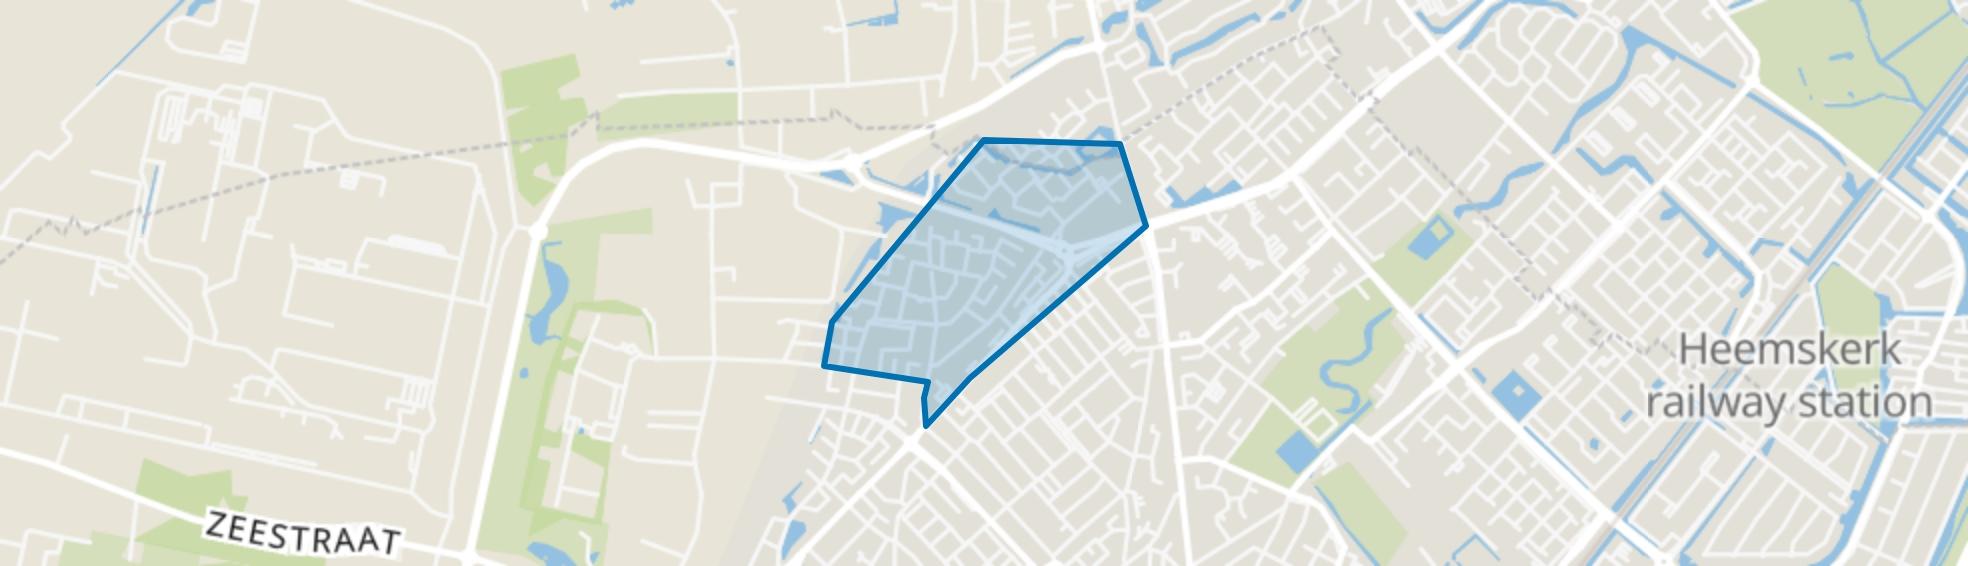 Westertuinen, Beverwijk map